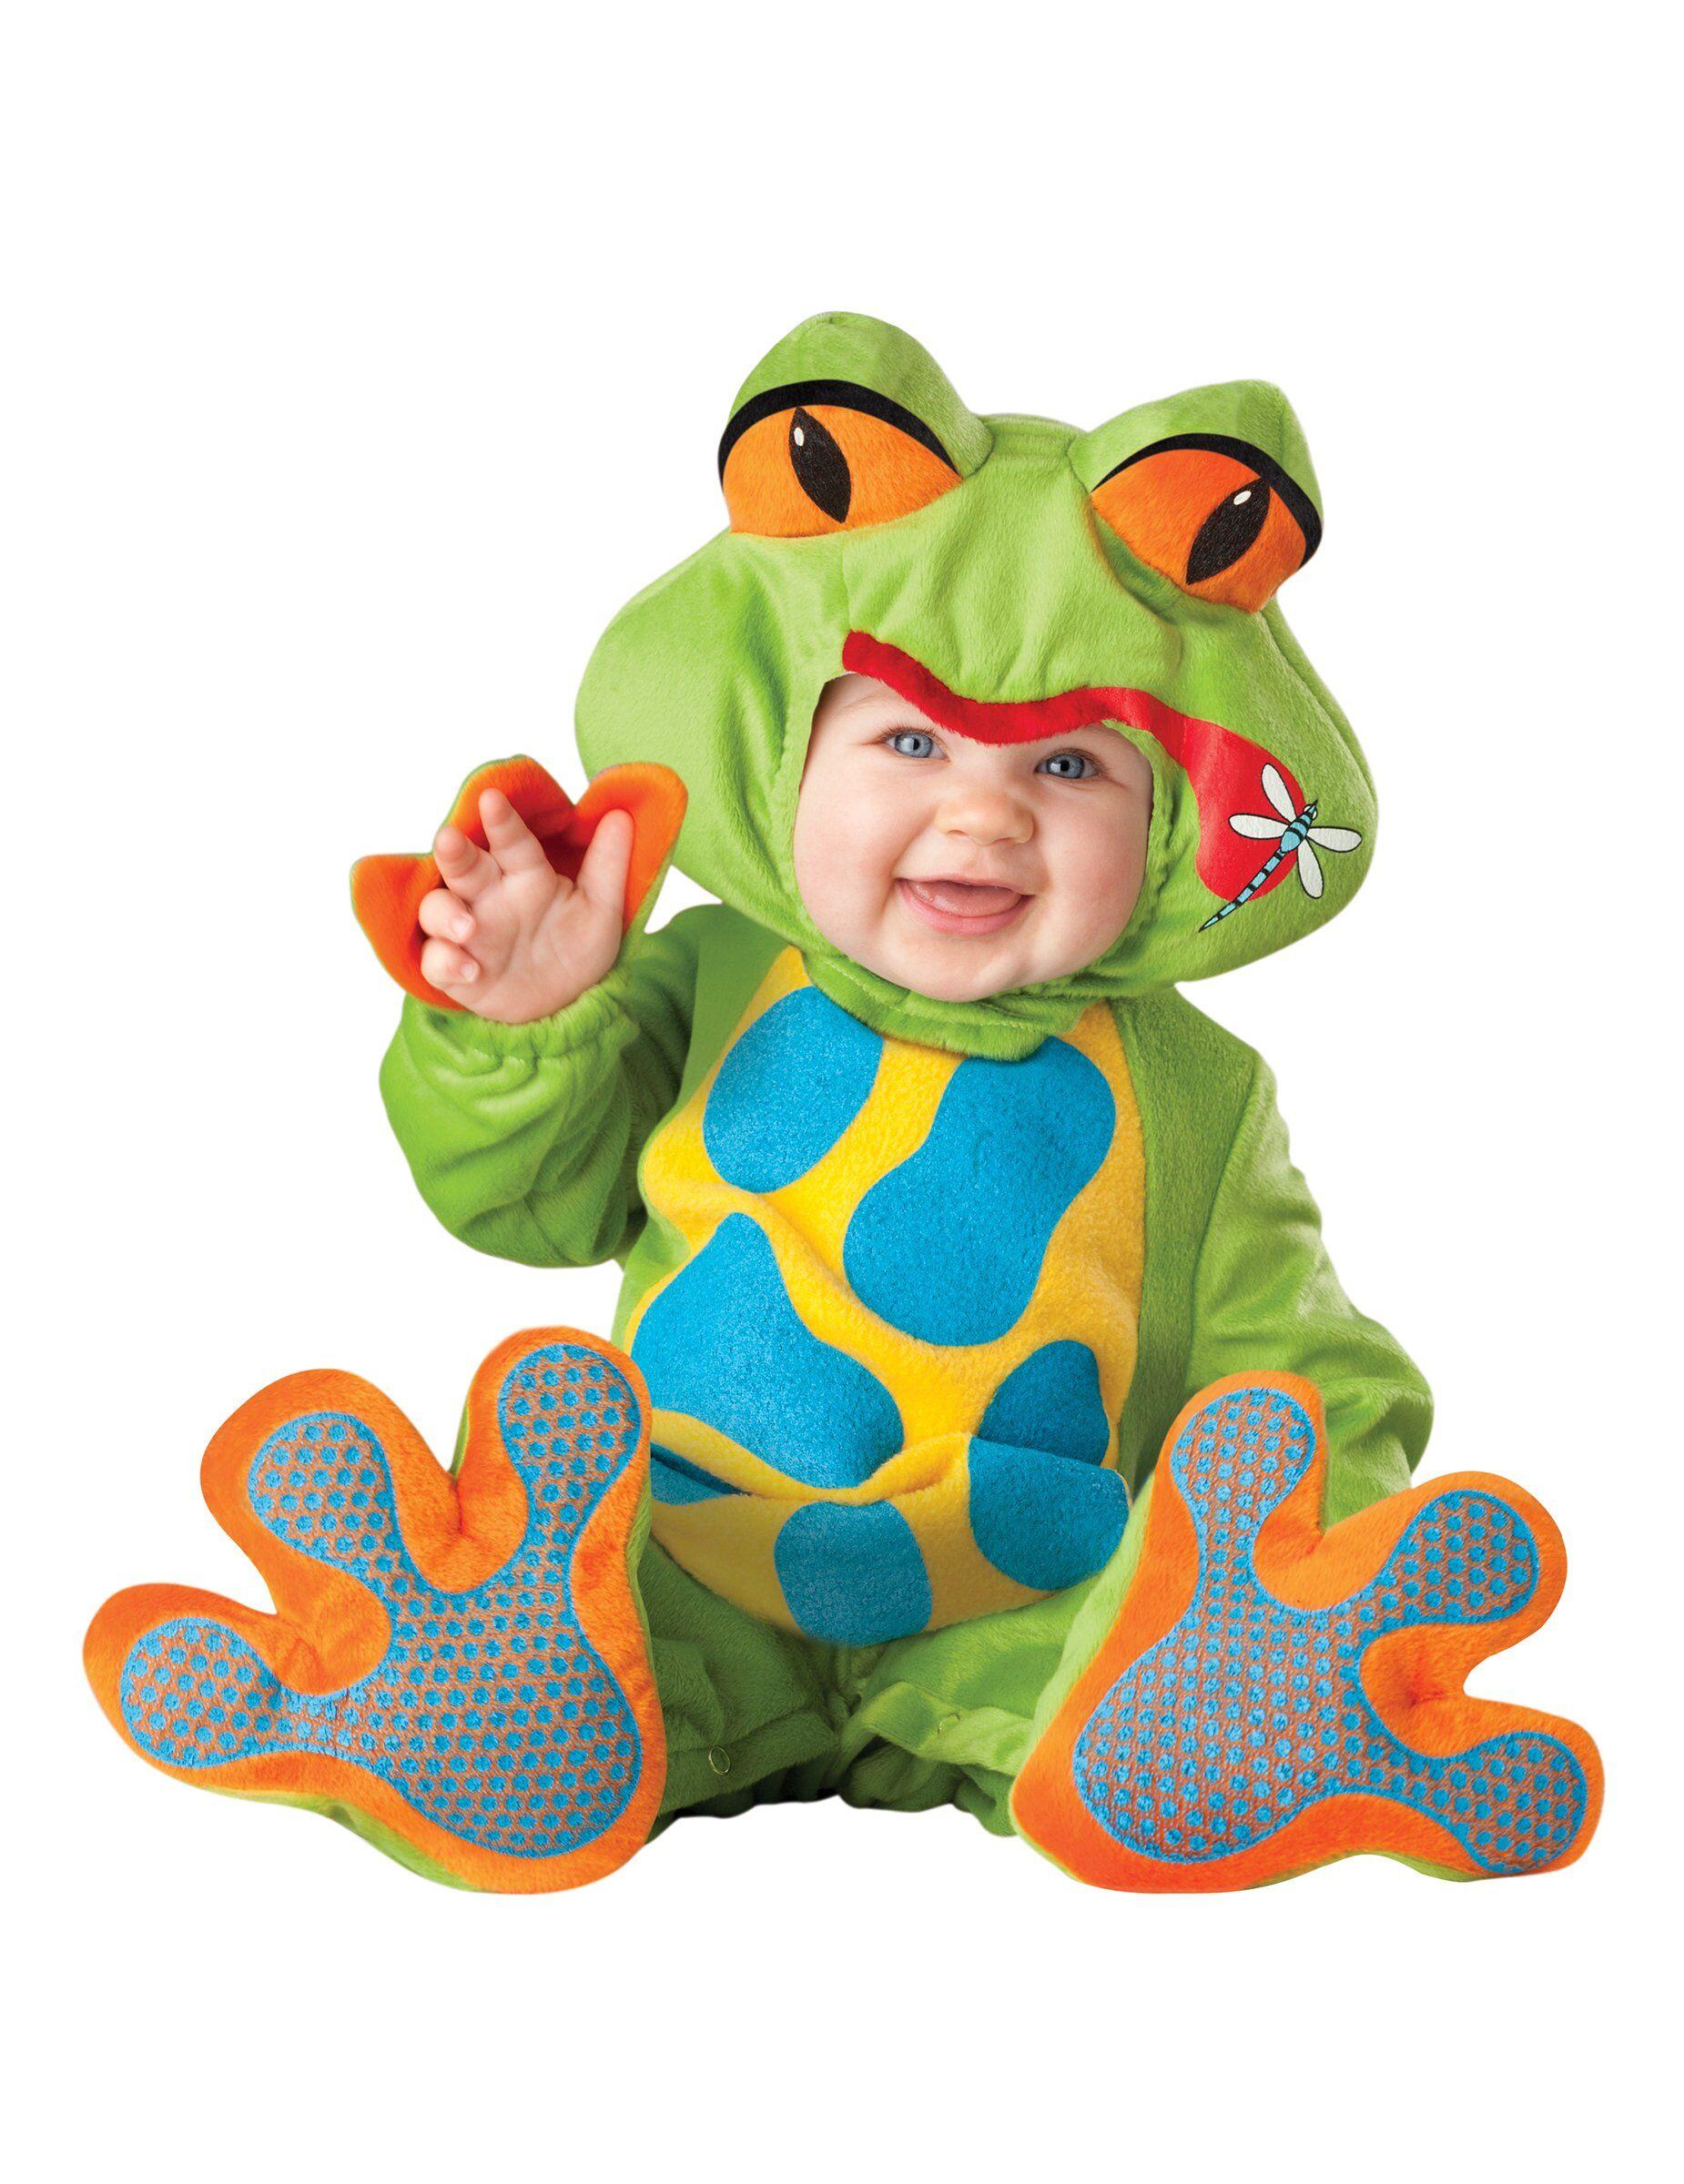 Deguisetoi Déguisement grenouille pour bébé - Premium - Taille: 12-18 mois (74-81 cm)